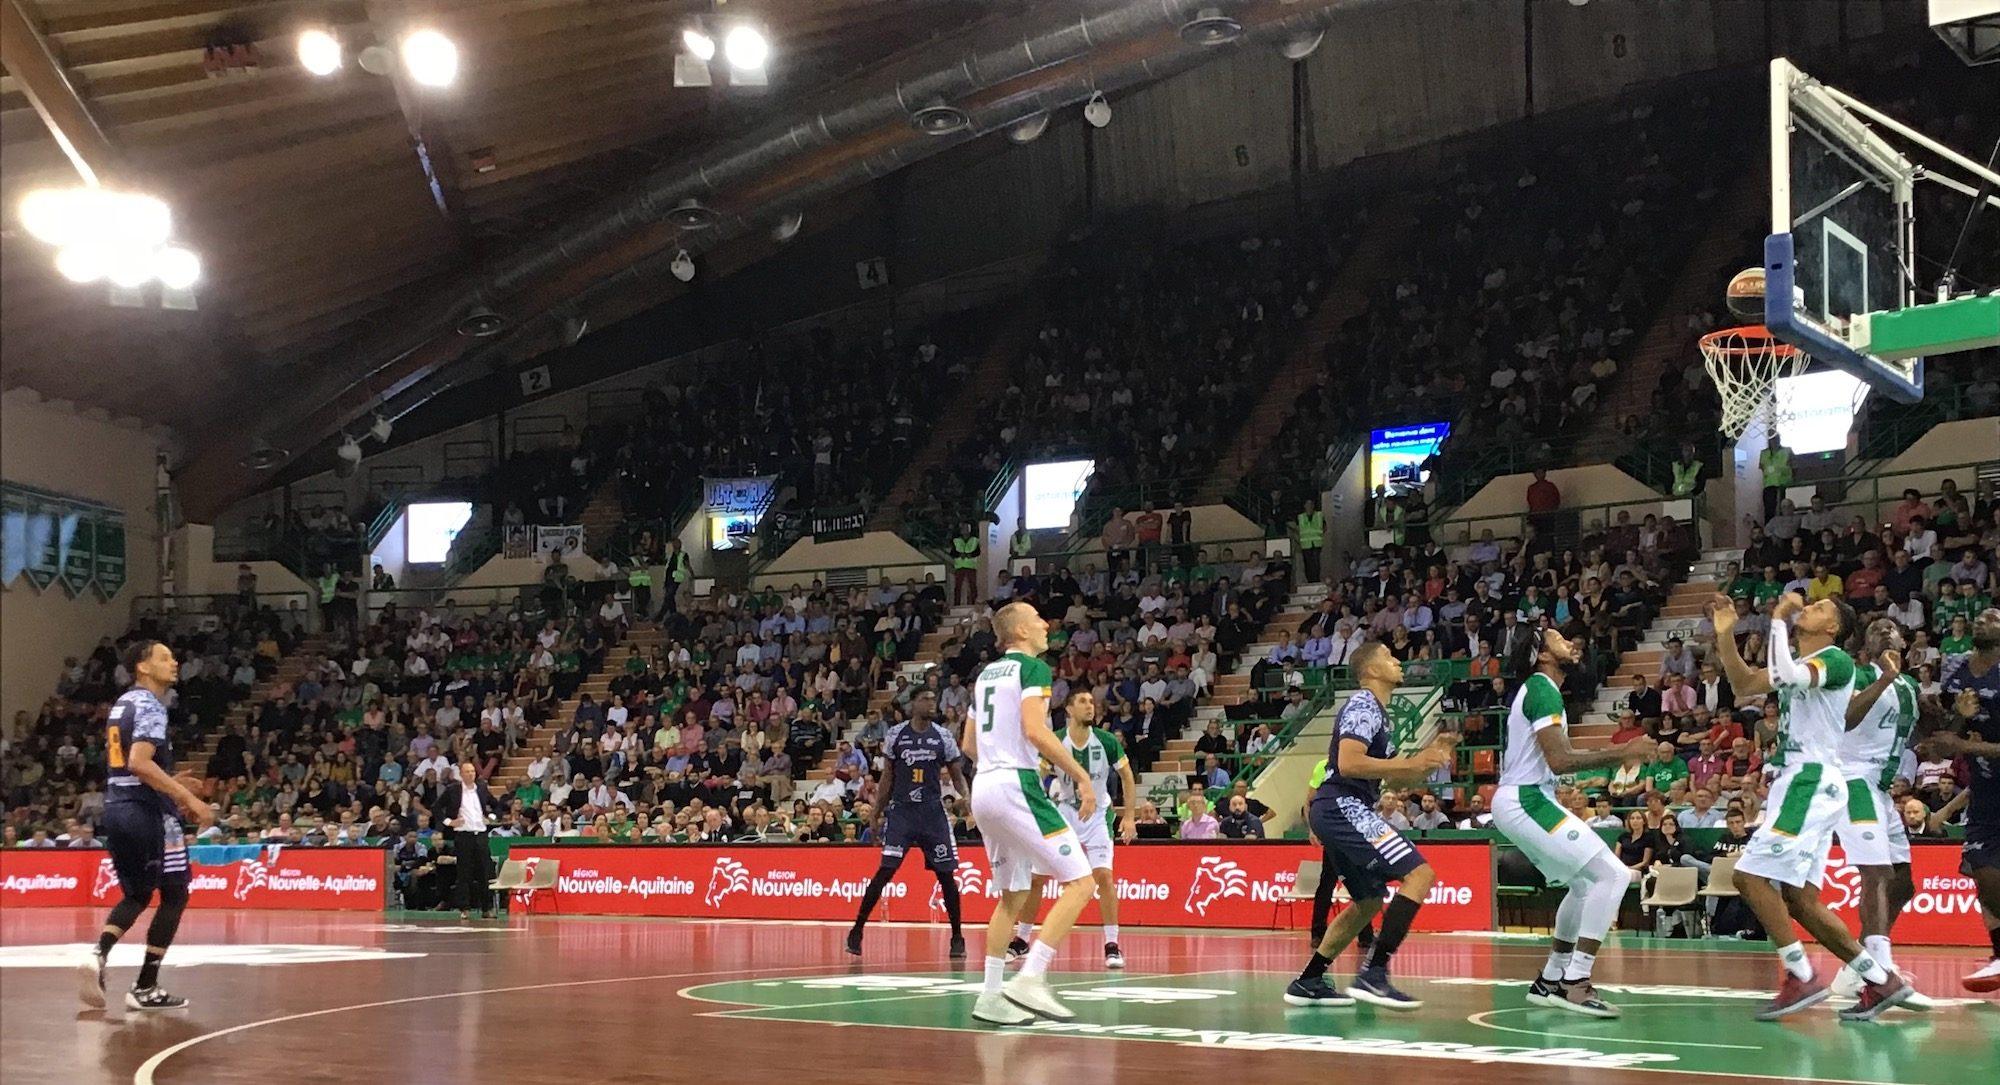 Les joueurs de Limoges et ceux de Gravelines-Dunkerque, sous le panier.